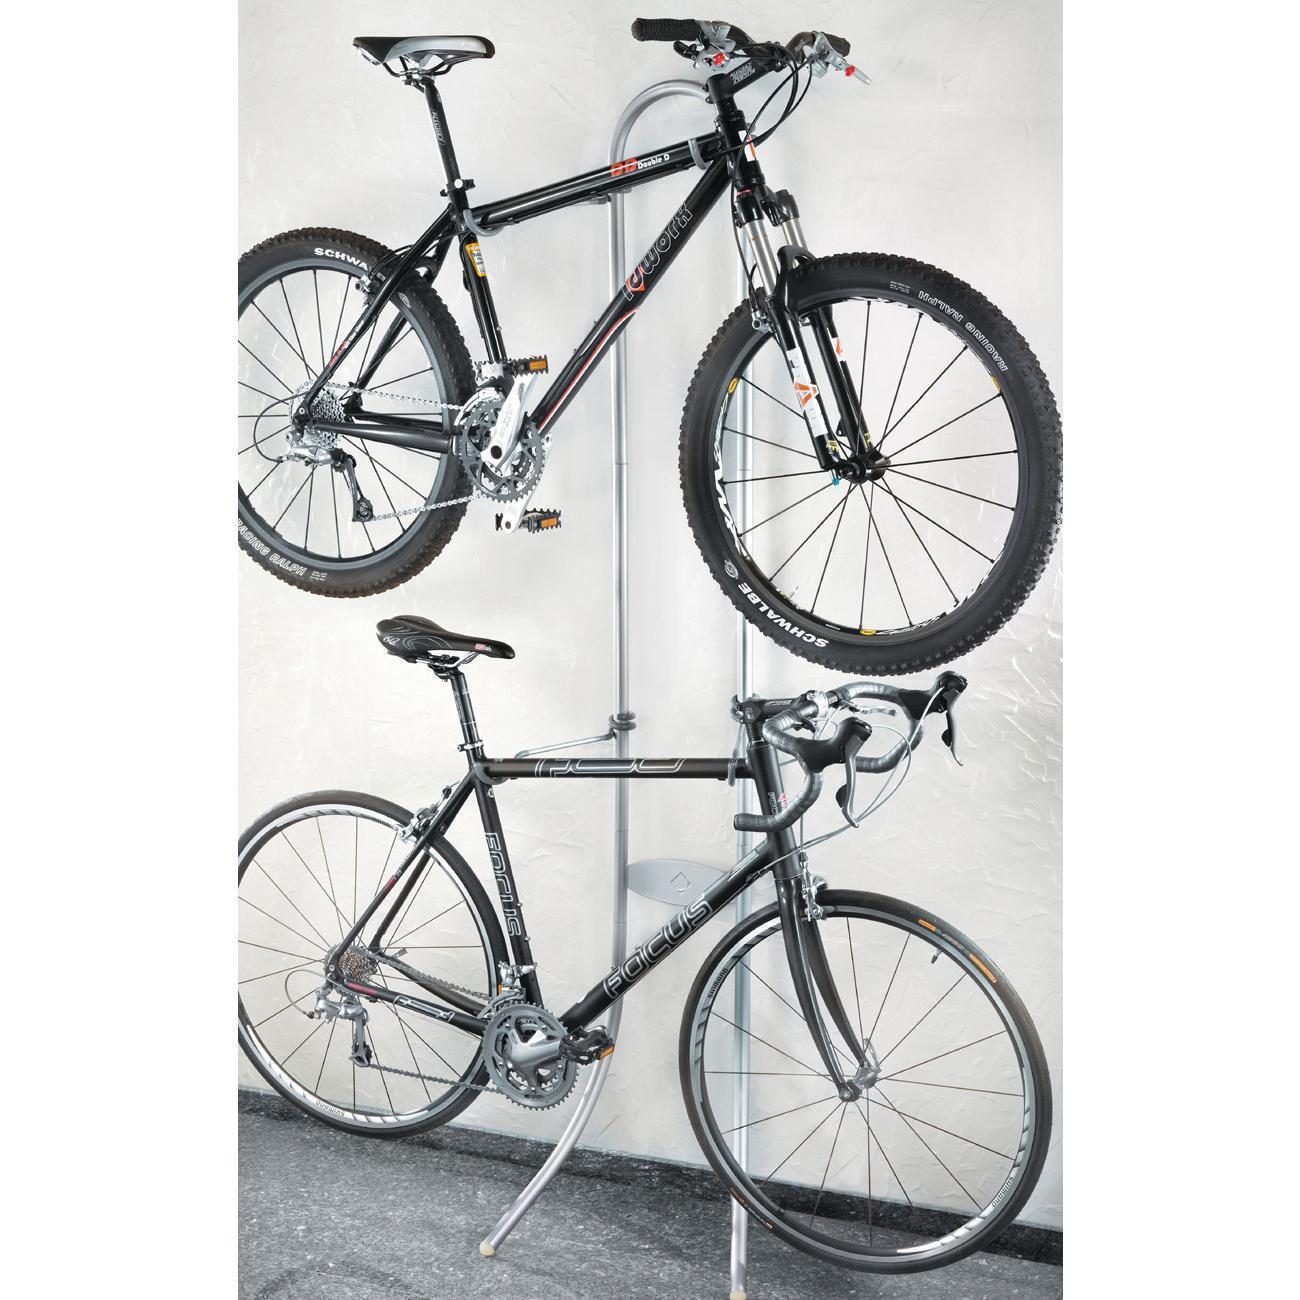 Teleskop Fahrradhalterung für 2 Räder